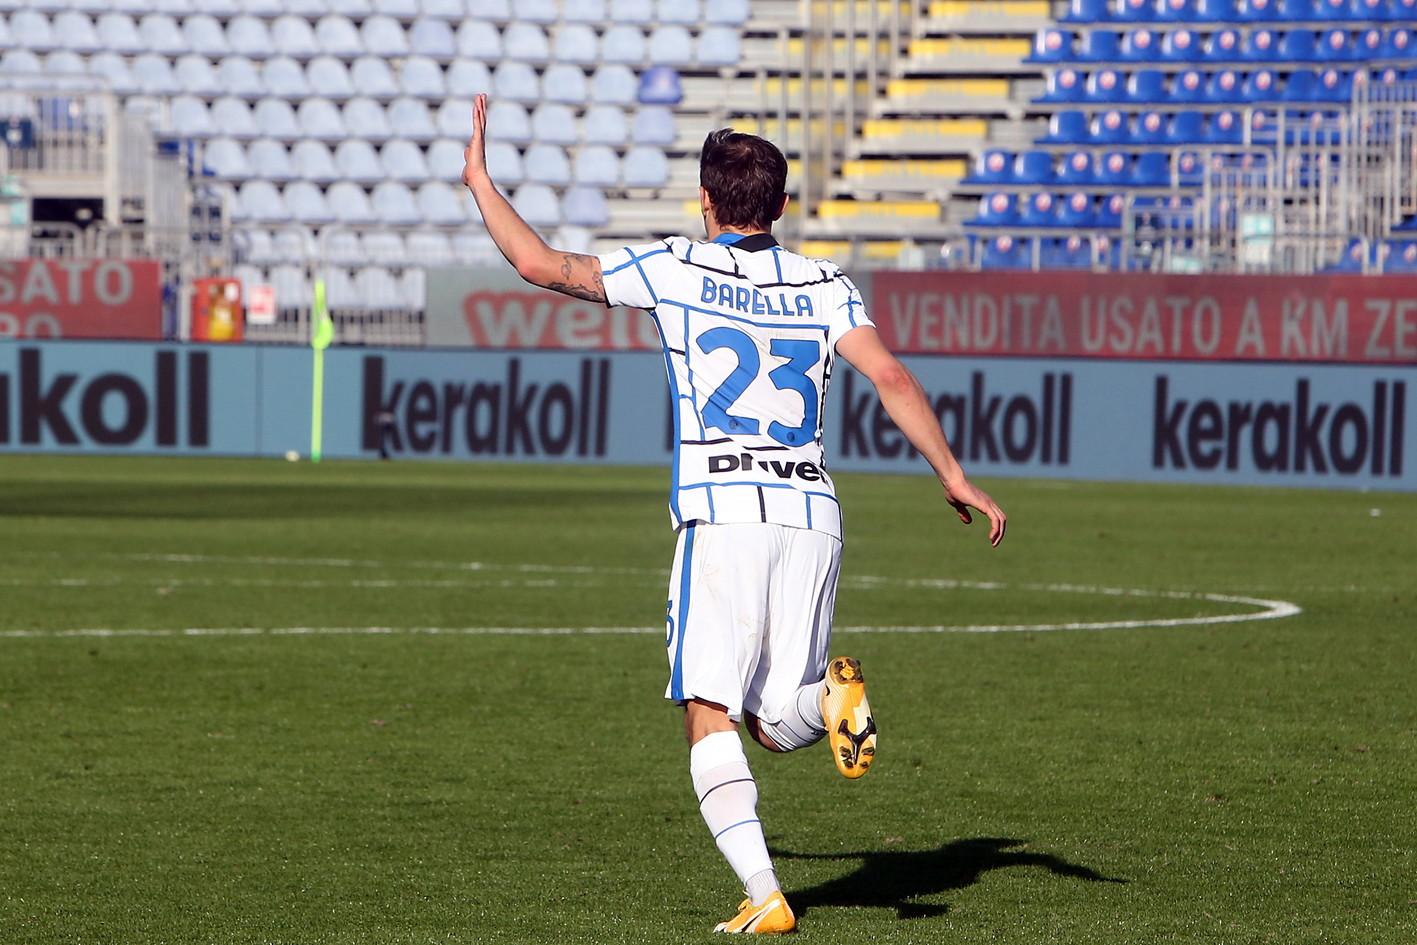 Calcio: Inter; Moratti 'Conte? non so se avrei resistito...'